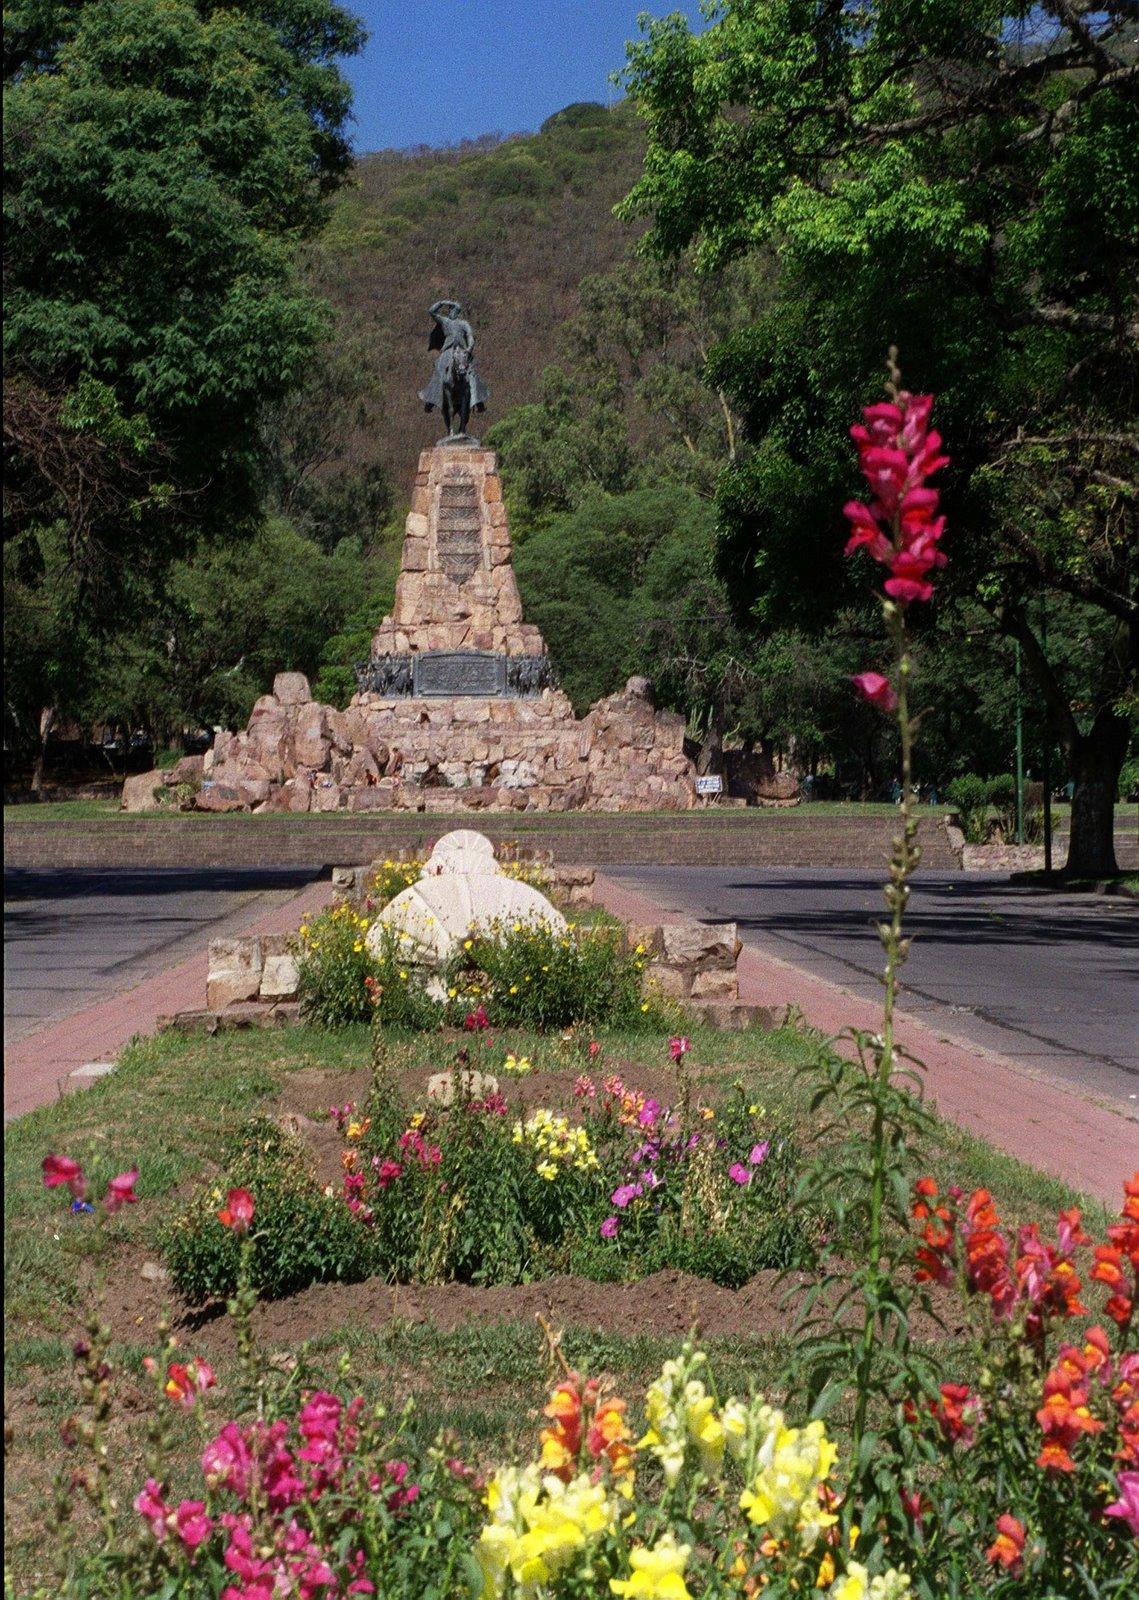 Monumento al Gral. Martin Miguel de GÜEMES